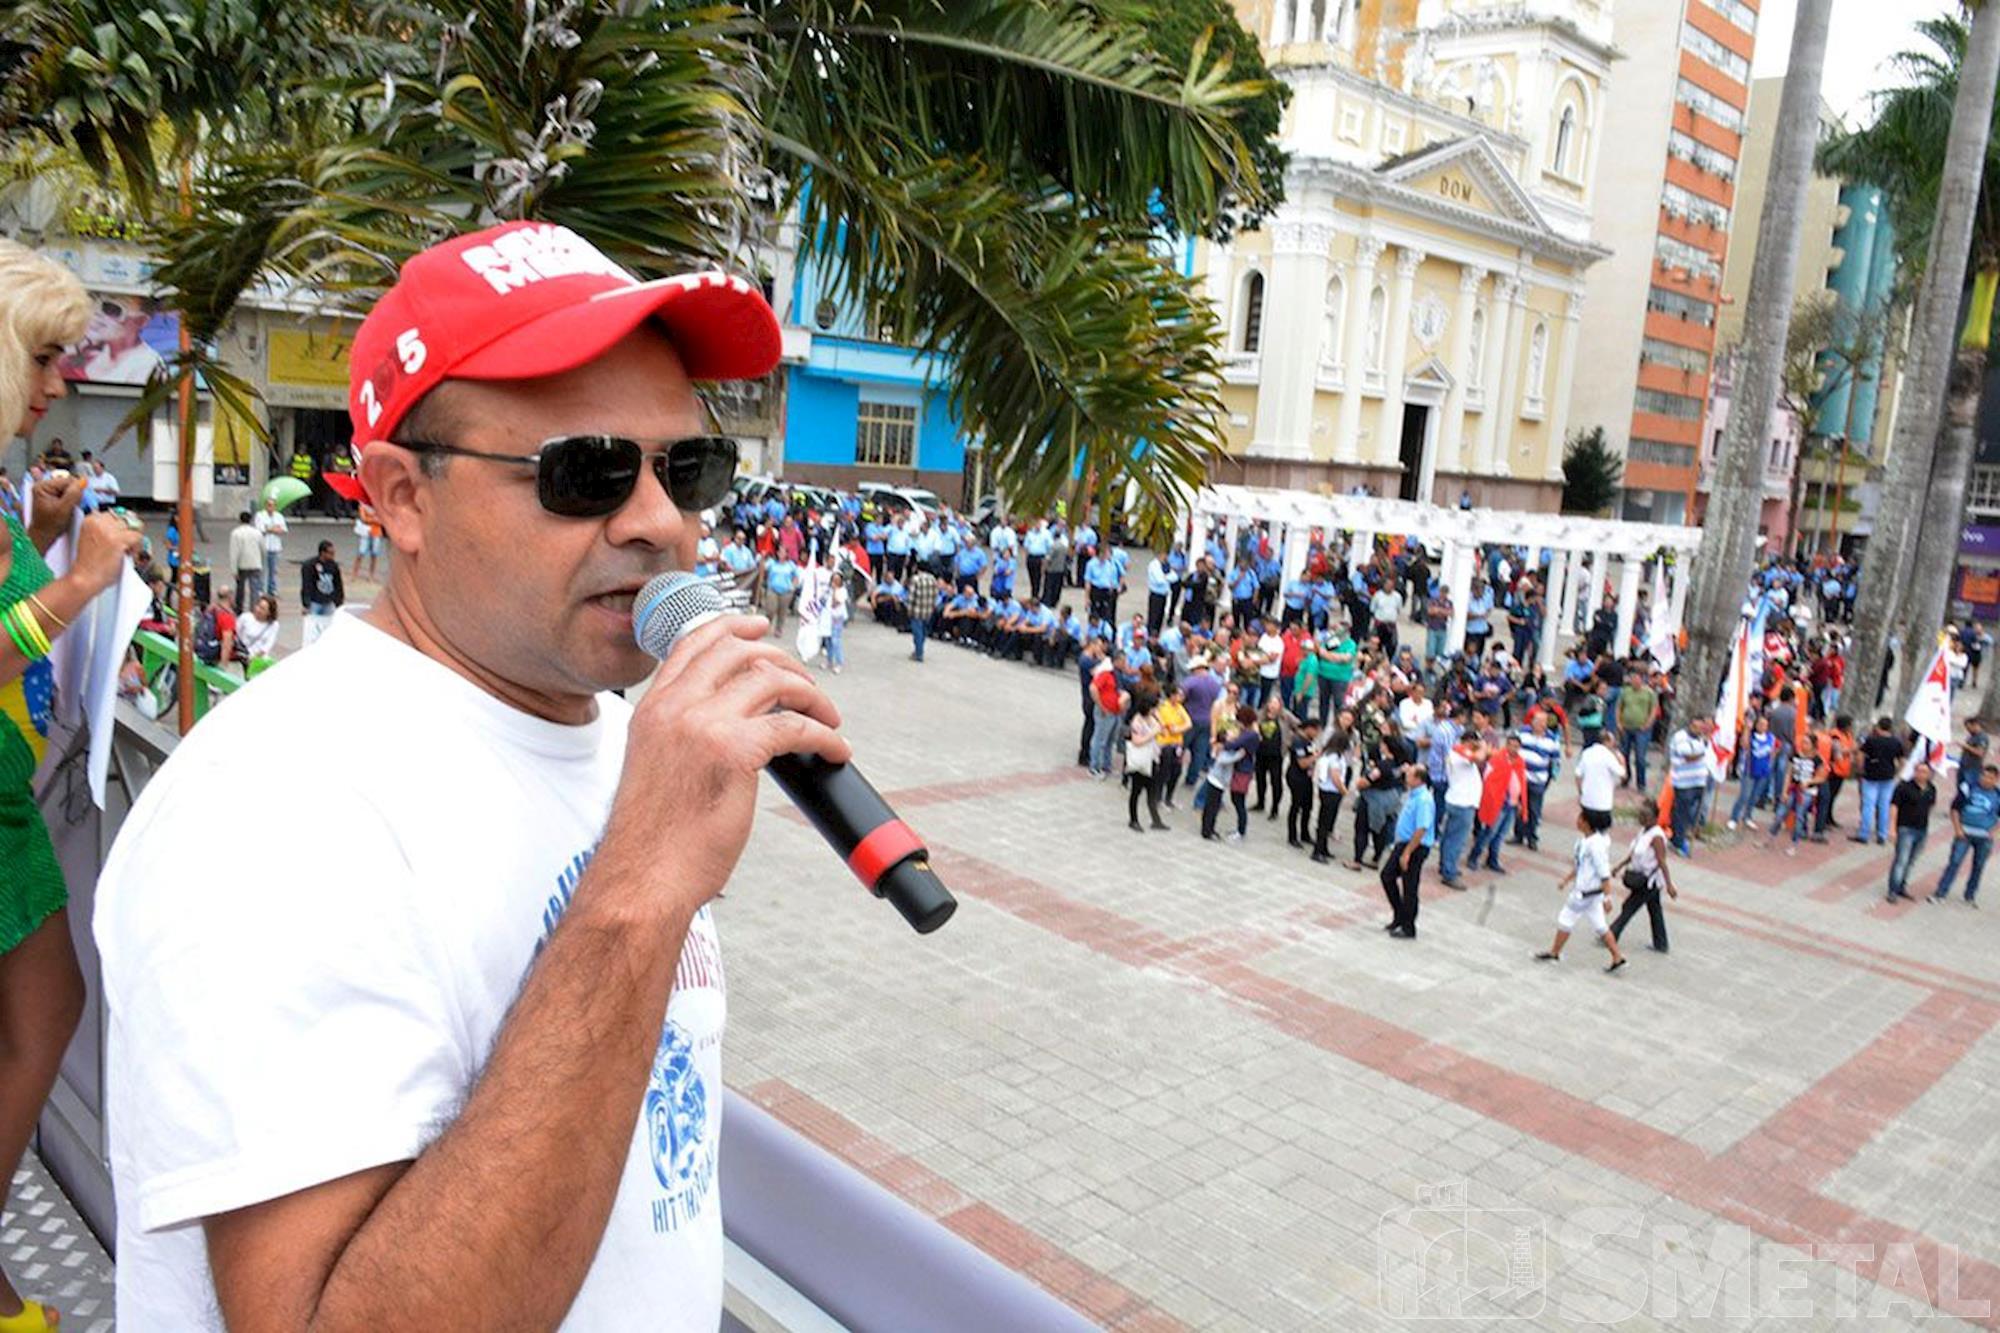 Dia de protestos e greve contra reformas, reforma, protesto, ato, frente, sorocaba,, Foguinho e Gabriela Guedes